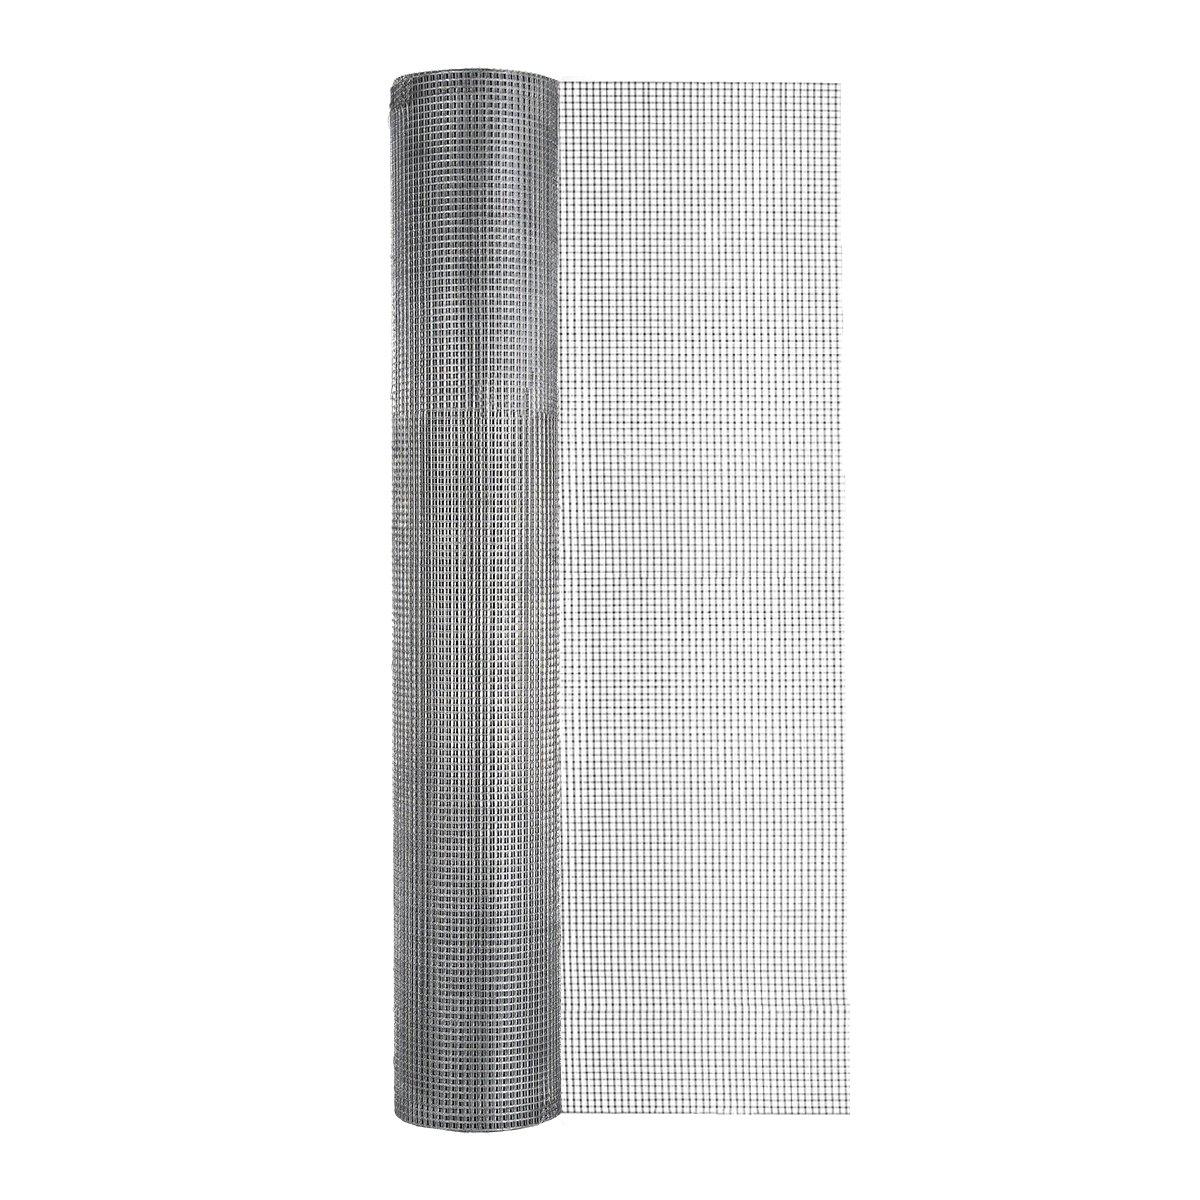 Garden Zone 36in x 50ft 1/4in Hardware Cloth